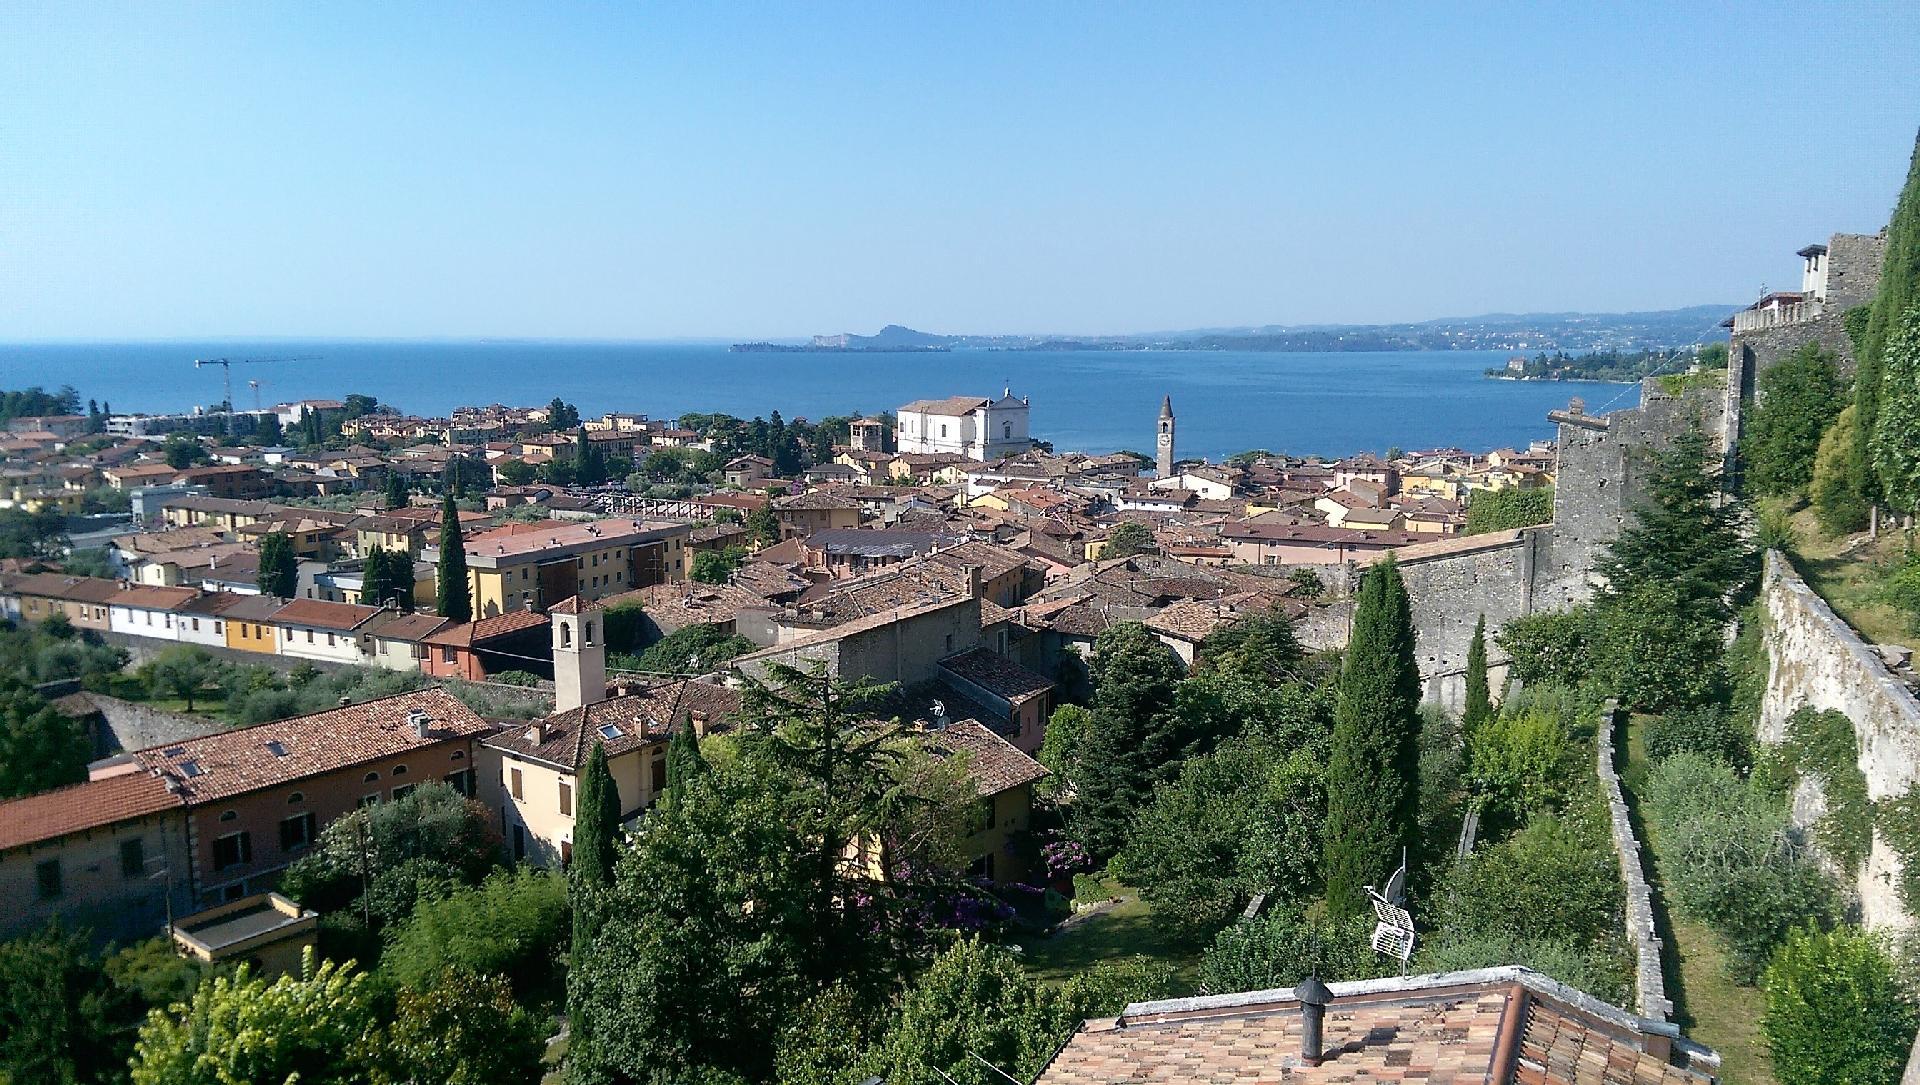 Ferienhaus für 12 Personen ca. 236 m² in   Gardasee - Lago di Garda